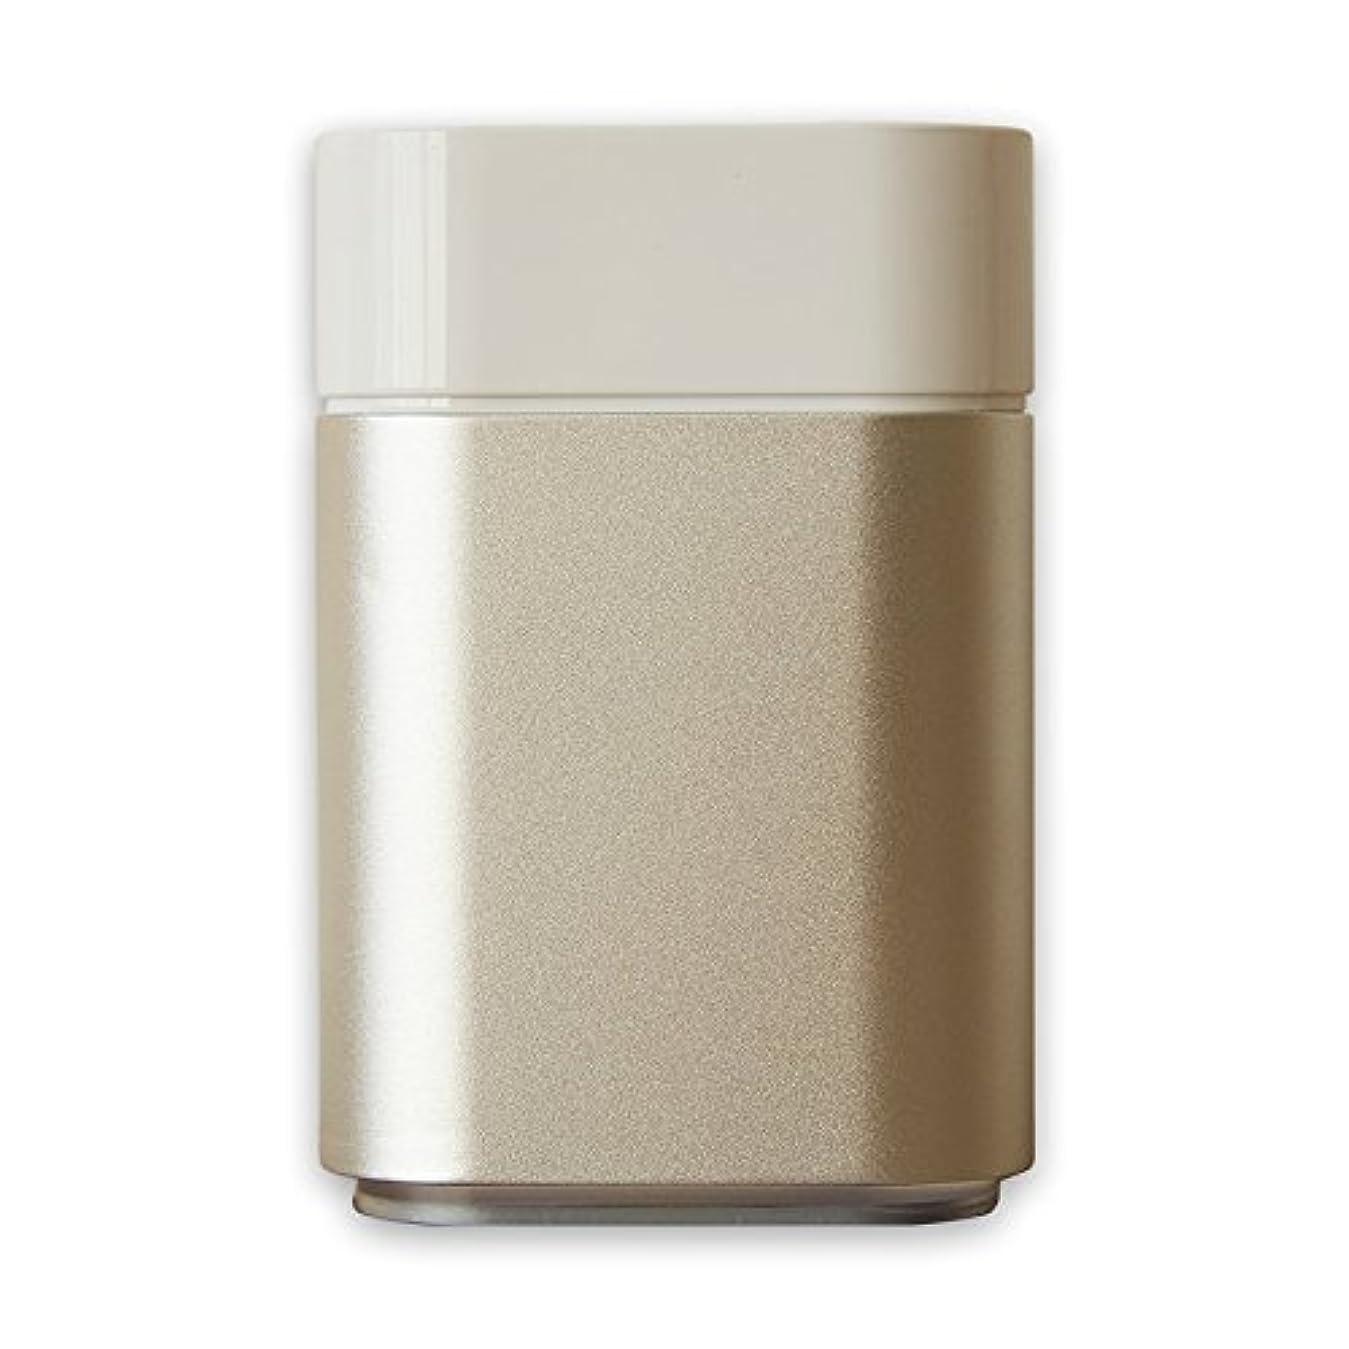 幻想的山積みの行アロマディフューザー UR-AROMA04 卓上 小型 Uruon(ウルオン)水を使わない アロマ ネブライザー式 水なし ダイレクトオイル 製油瓶直噴式 超音波式 USB 卓上 油性 水性 静音 アロマオイル